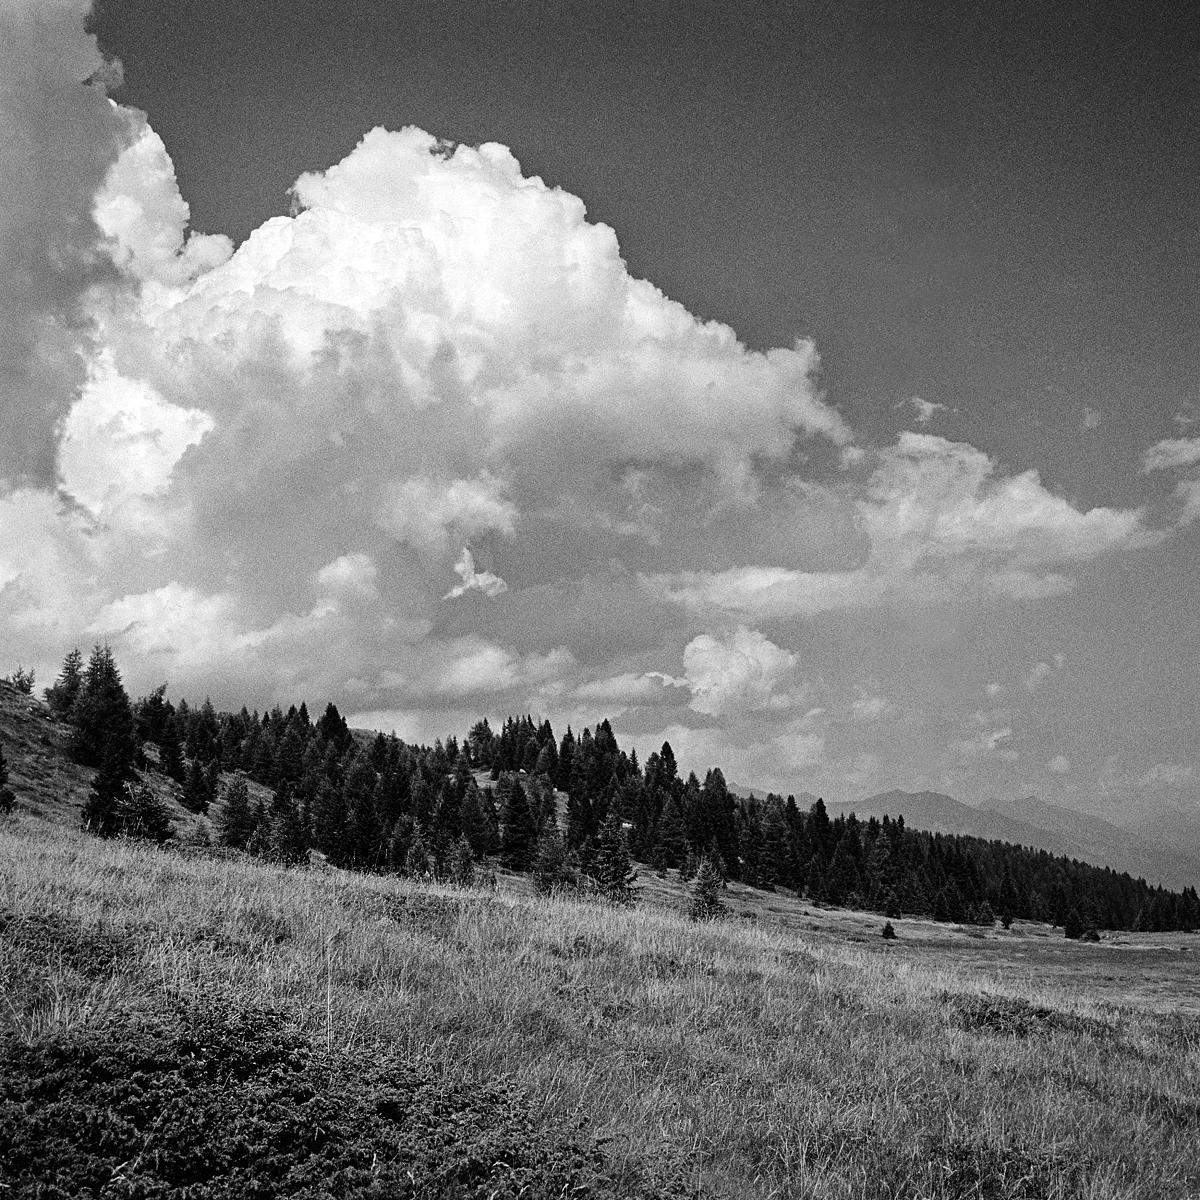 035 | Rolleiflex 3.5T | ©AlbertoBregani